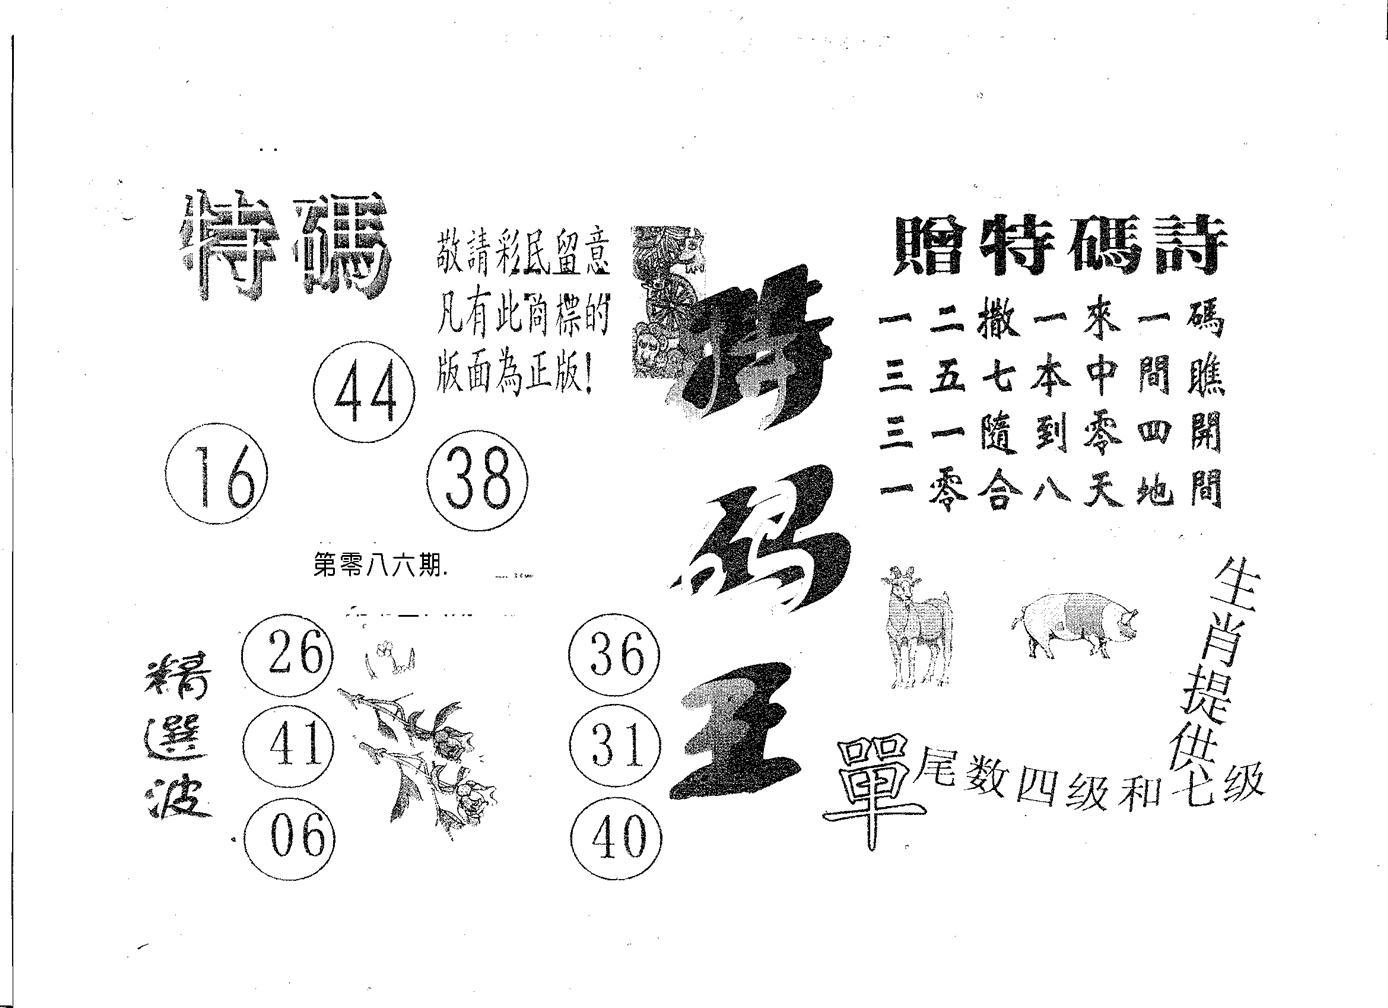 086期特码王A(黑白)